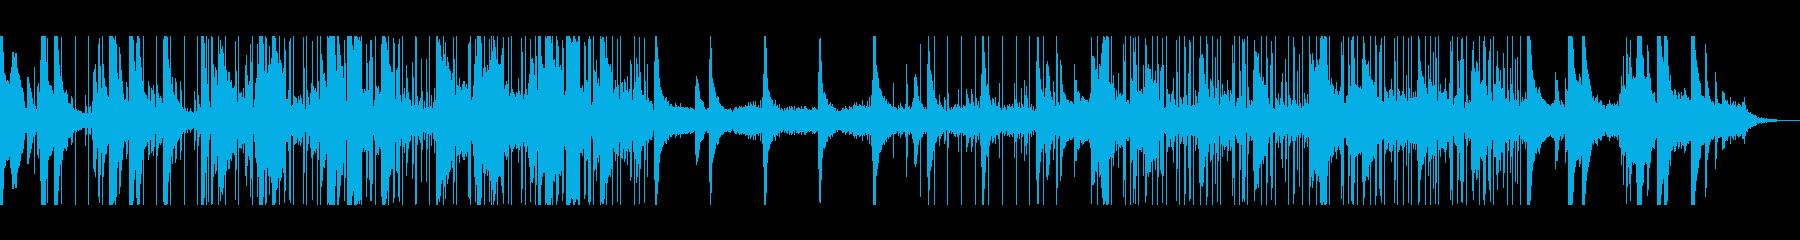 ビートが心地良いリラックスローファイの再生済みの波形